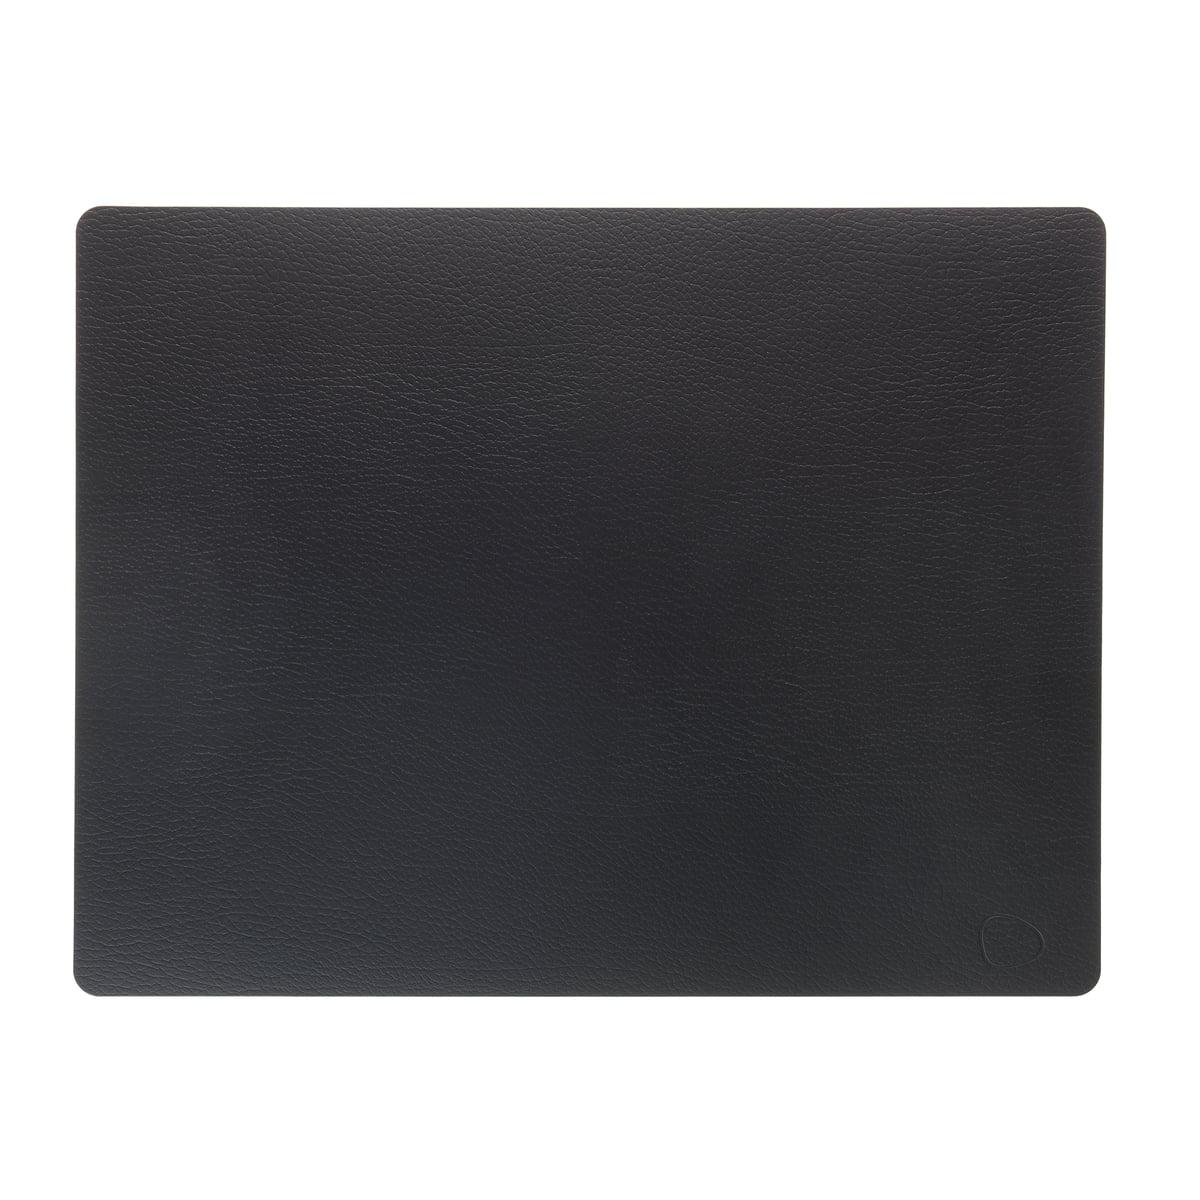 LindDNA - Tischset Square L 35 x 45 cm, Bull schwarz | Heimtextilien > Tischdecken und Co > Tisch-Sets | LIND DNA